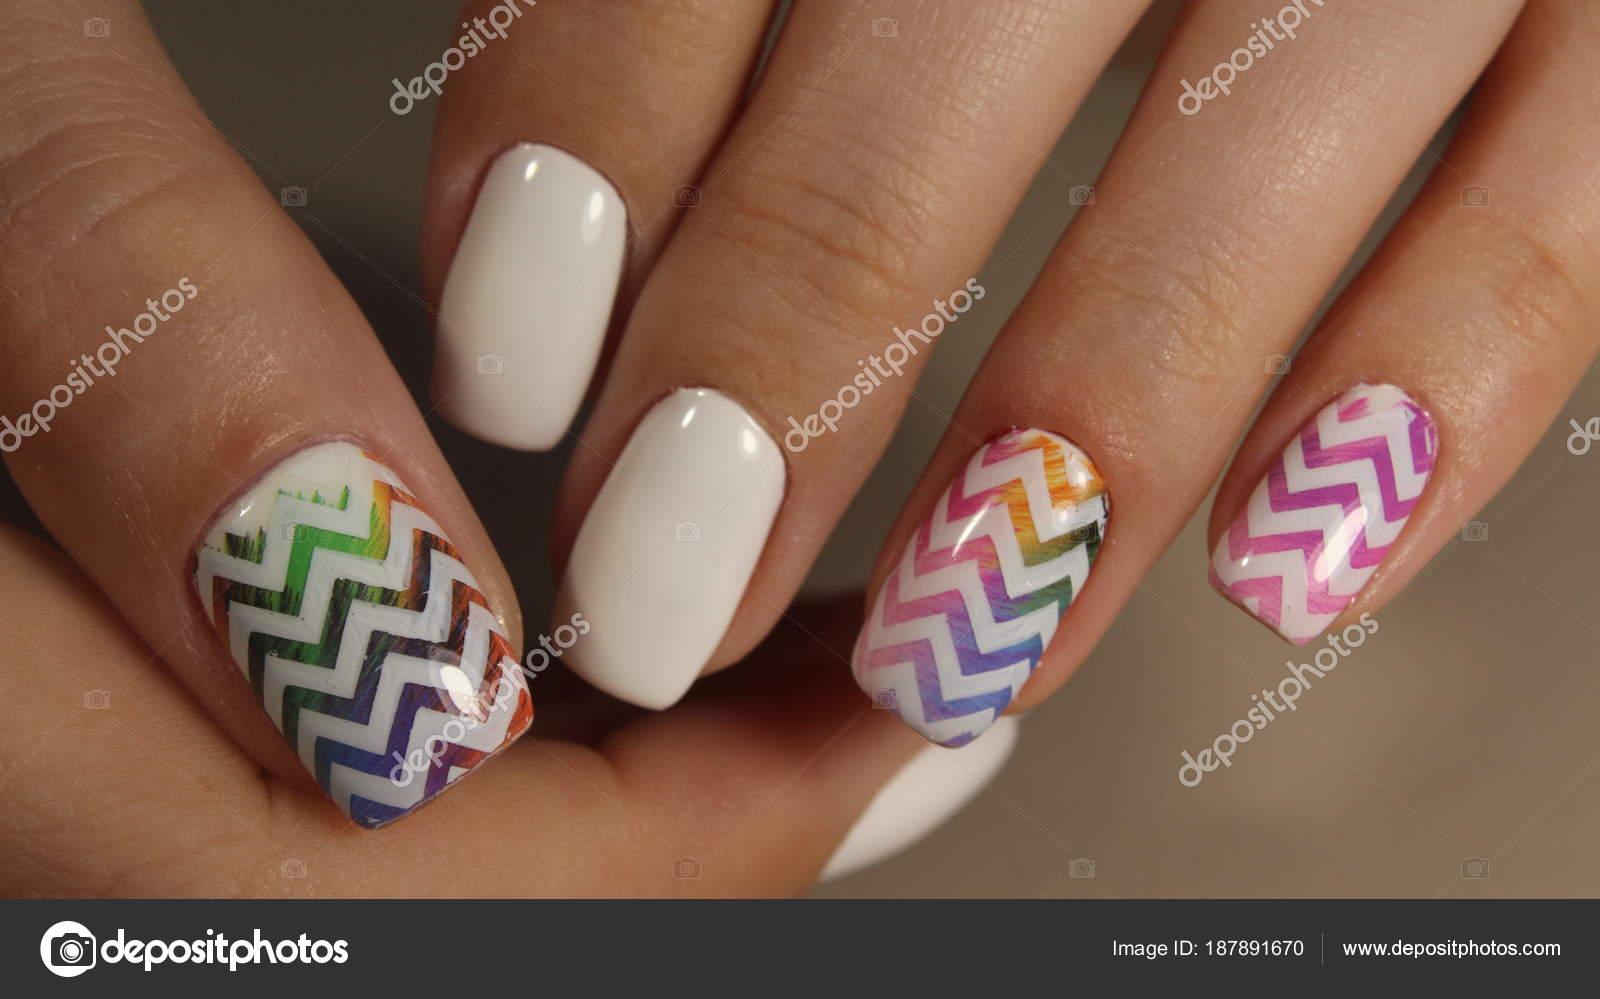 White French manicure design — Stock Photo © SmirMaxStock #187891670